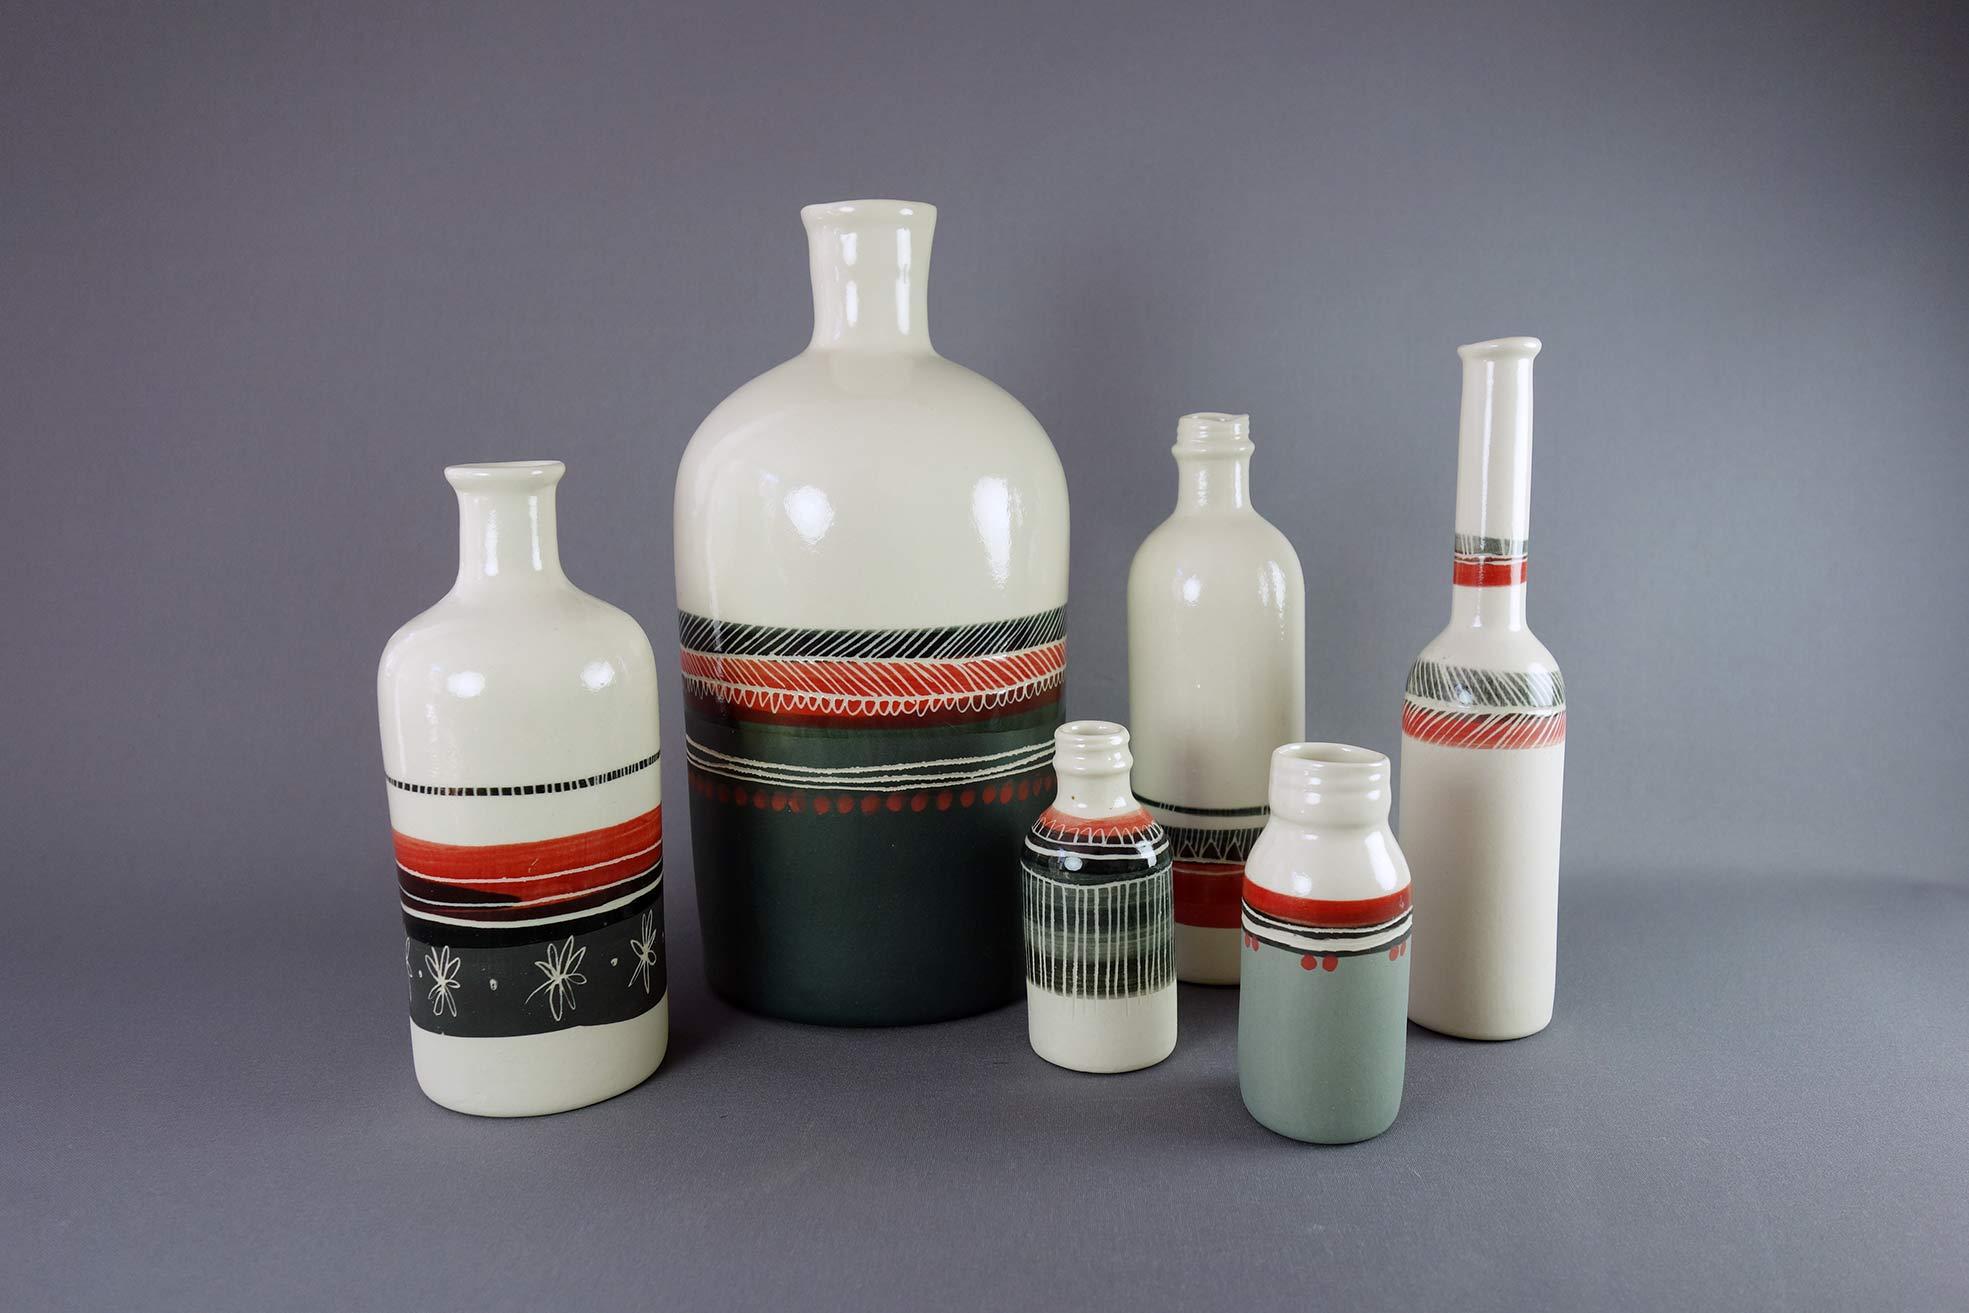 Bouteilles grès céramique artisanale à Saint-Etienne